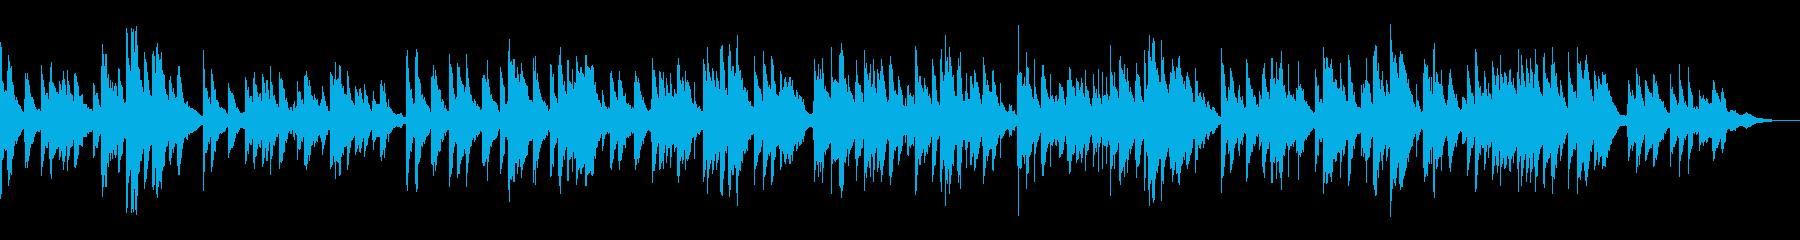 優雅なイギリス古楽『美しき島』ハープ演奏の再生済みの波形